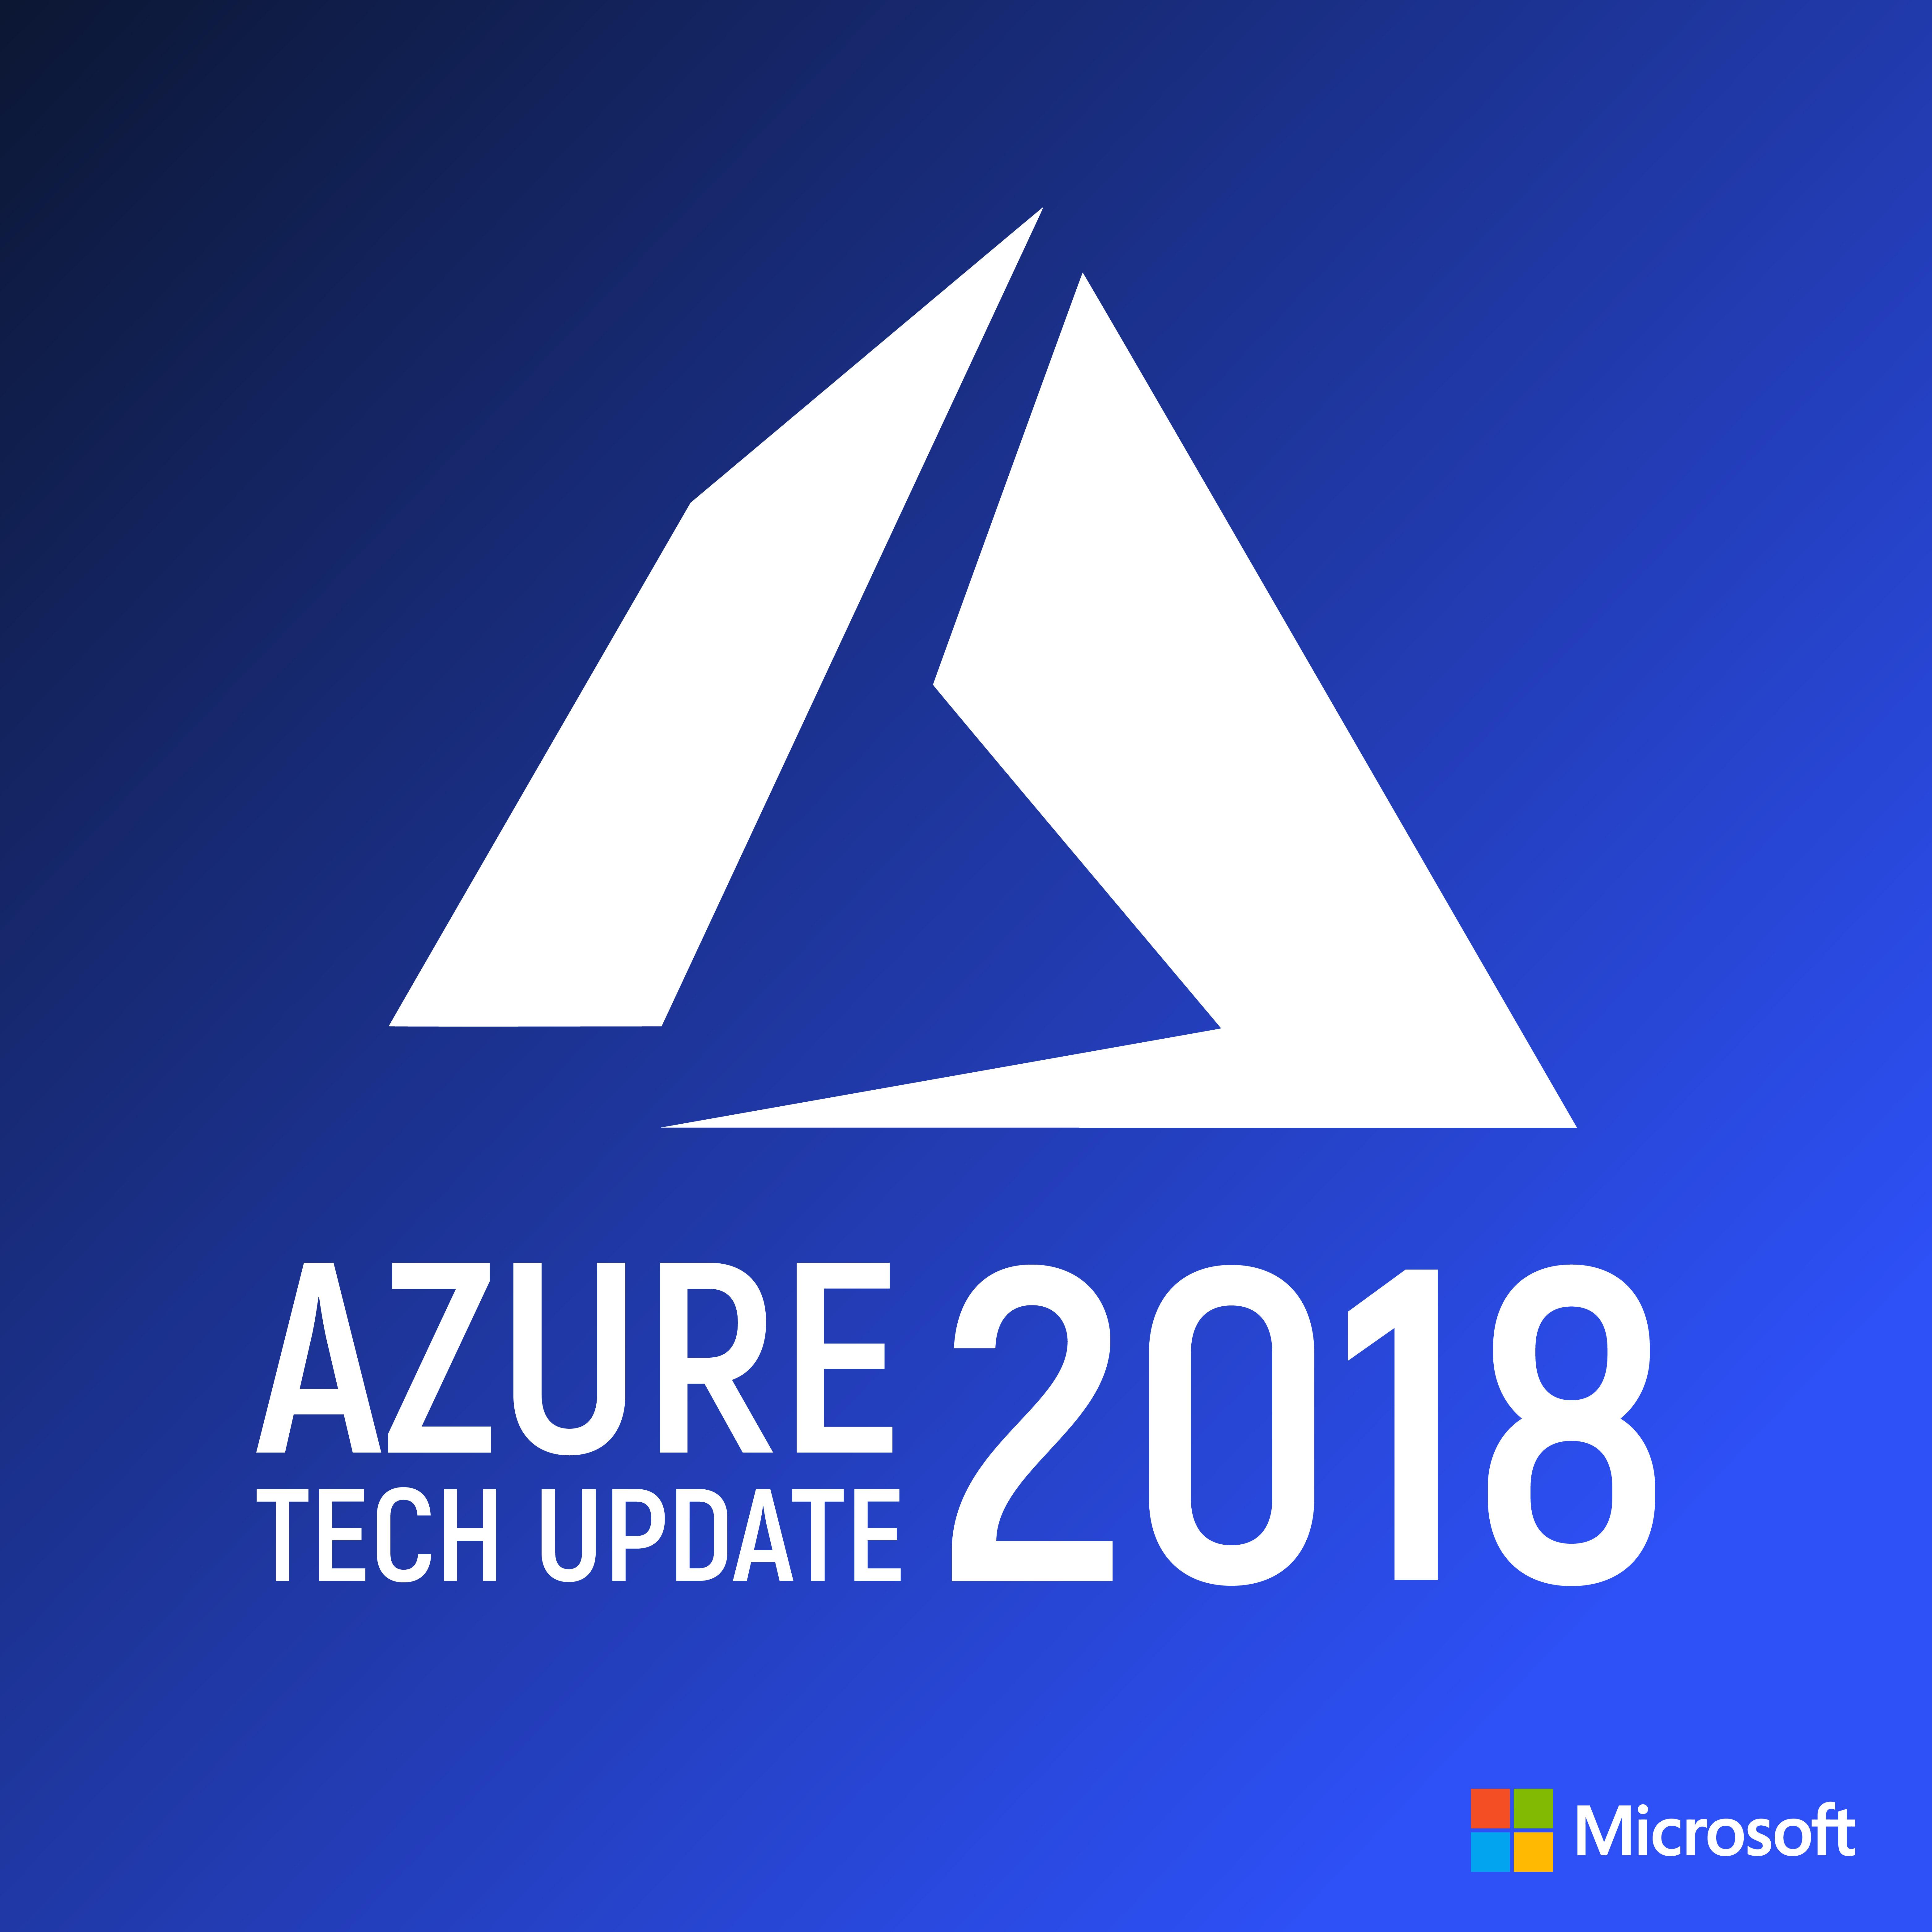 Azure Tech Update 2018